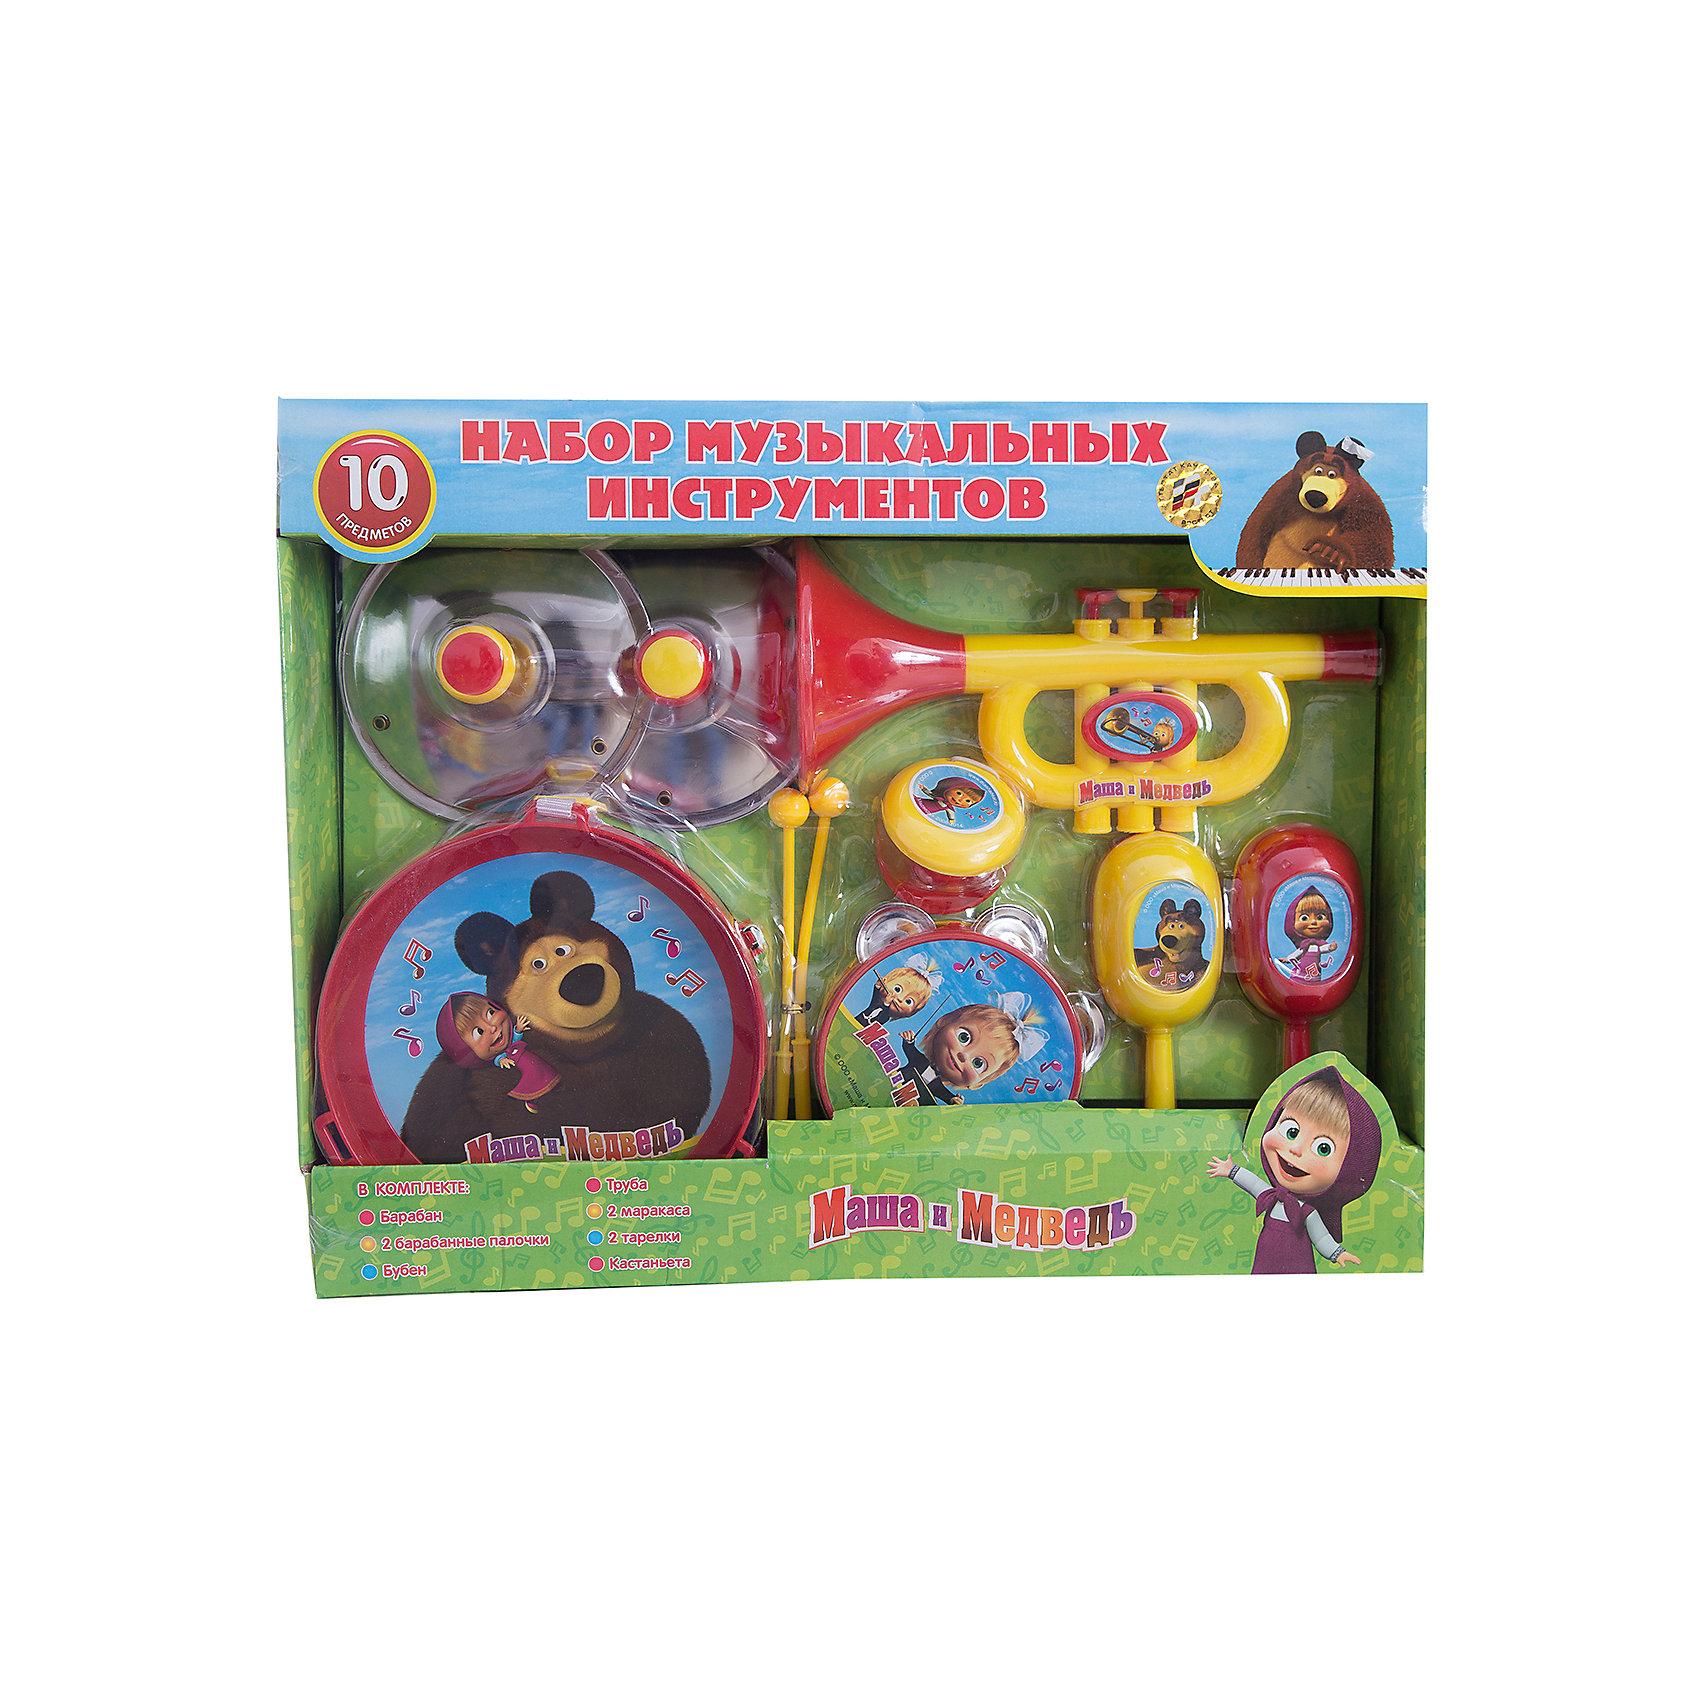 Играем вместе Набор музыкальных инструментов, 10 предметов, Маша и Медведь